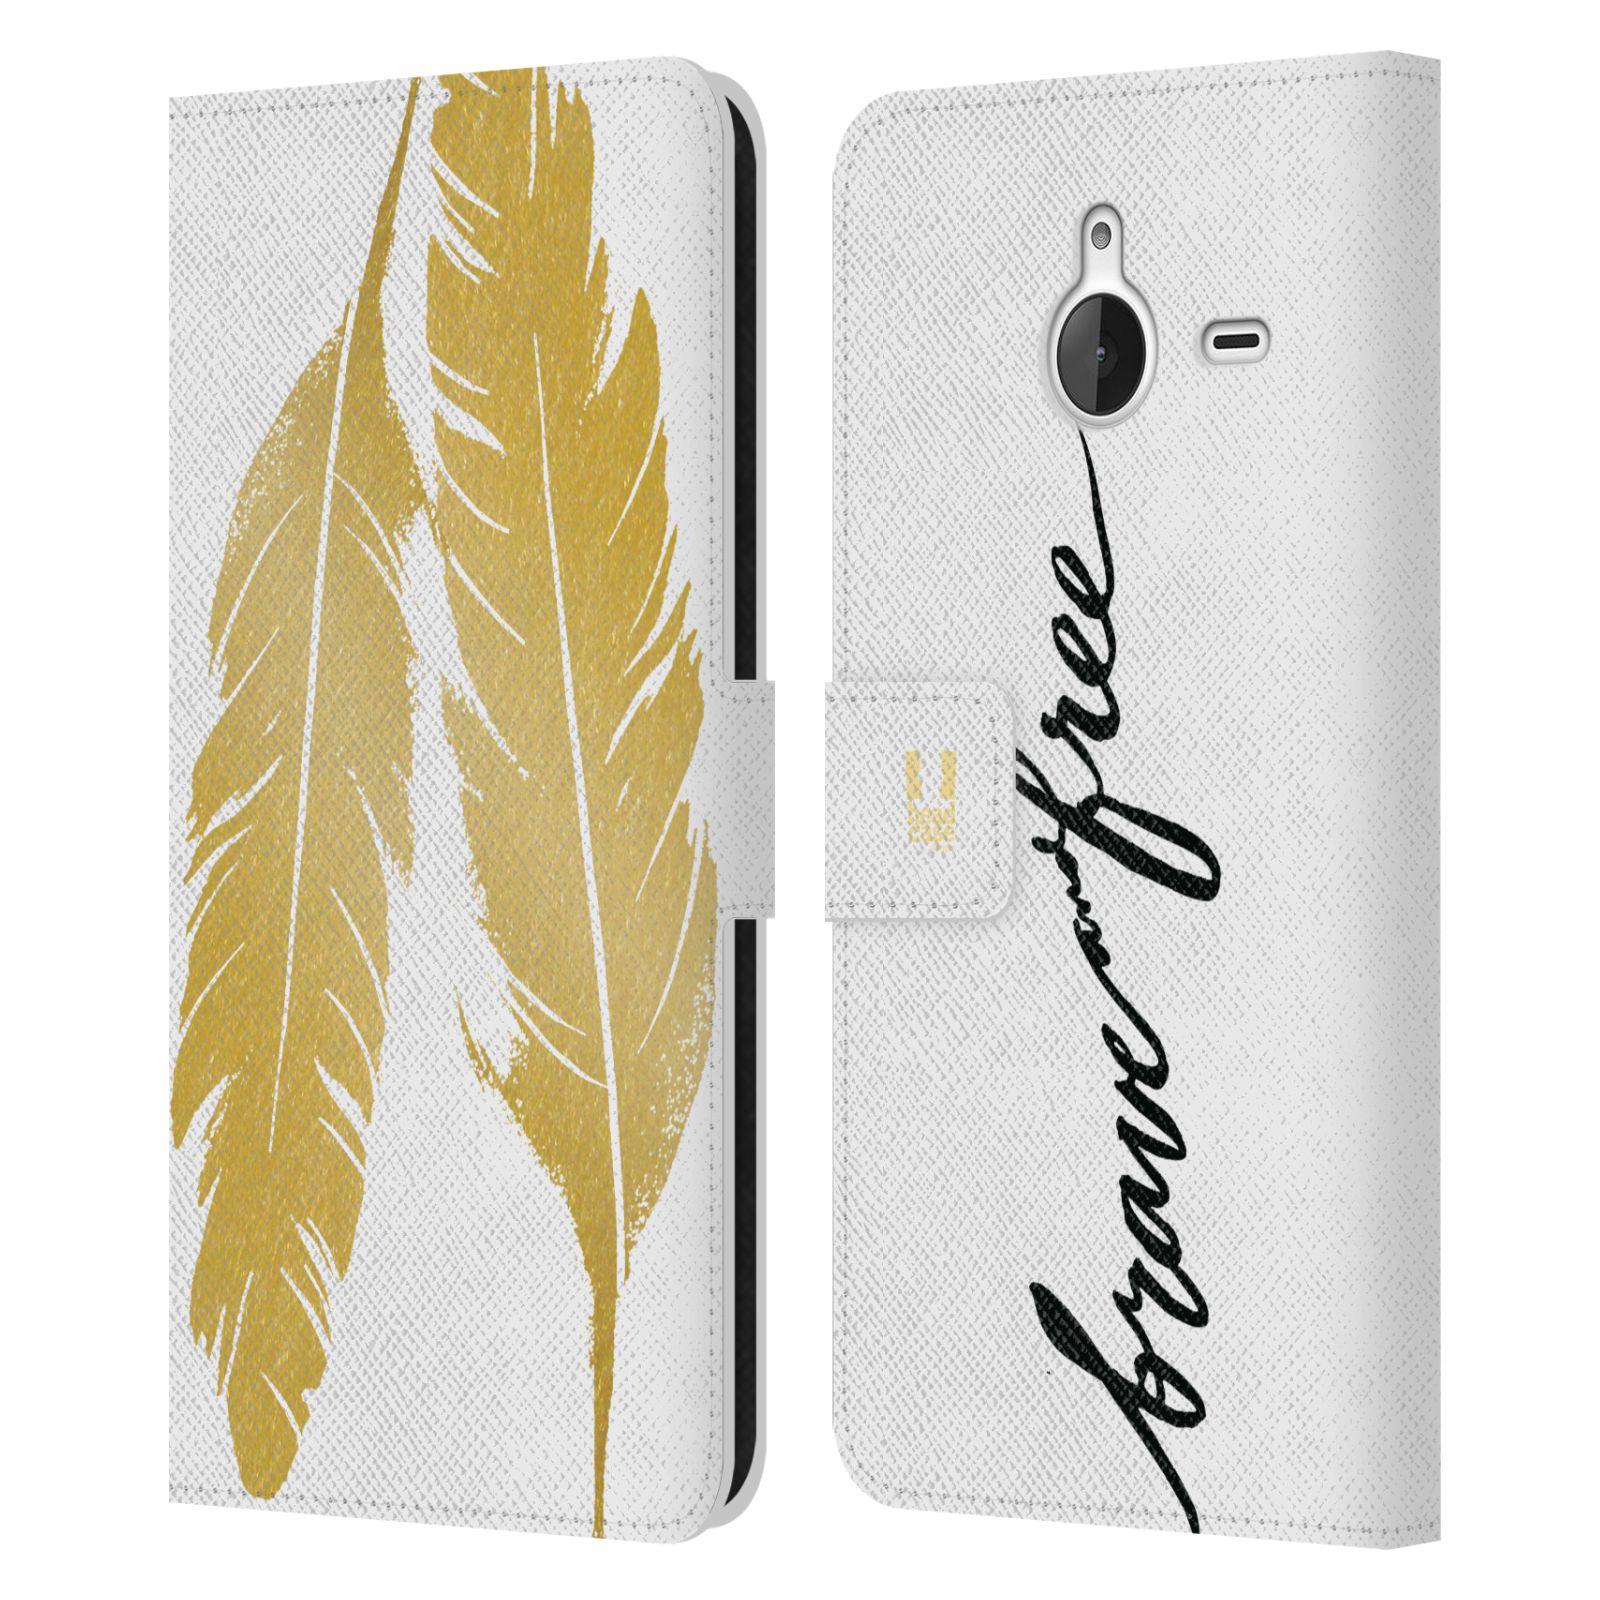 Pouzdro na mobil Nokia Lumia 640 XL - Head Case - Fashion zlaté pírka